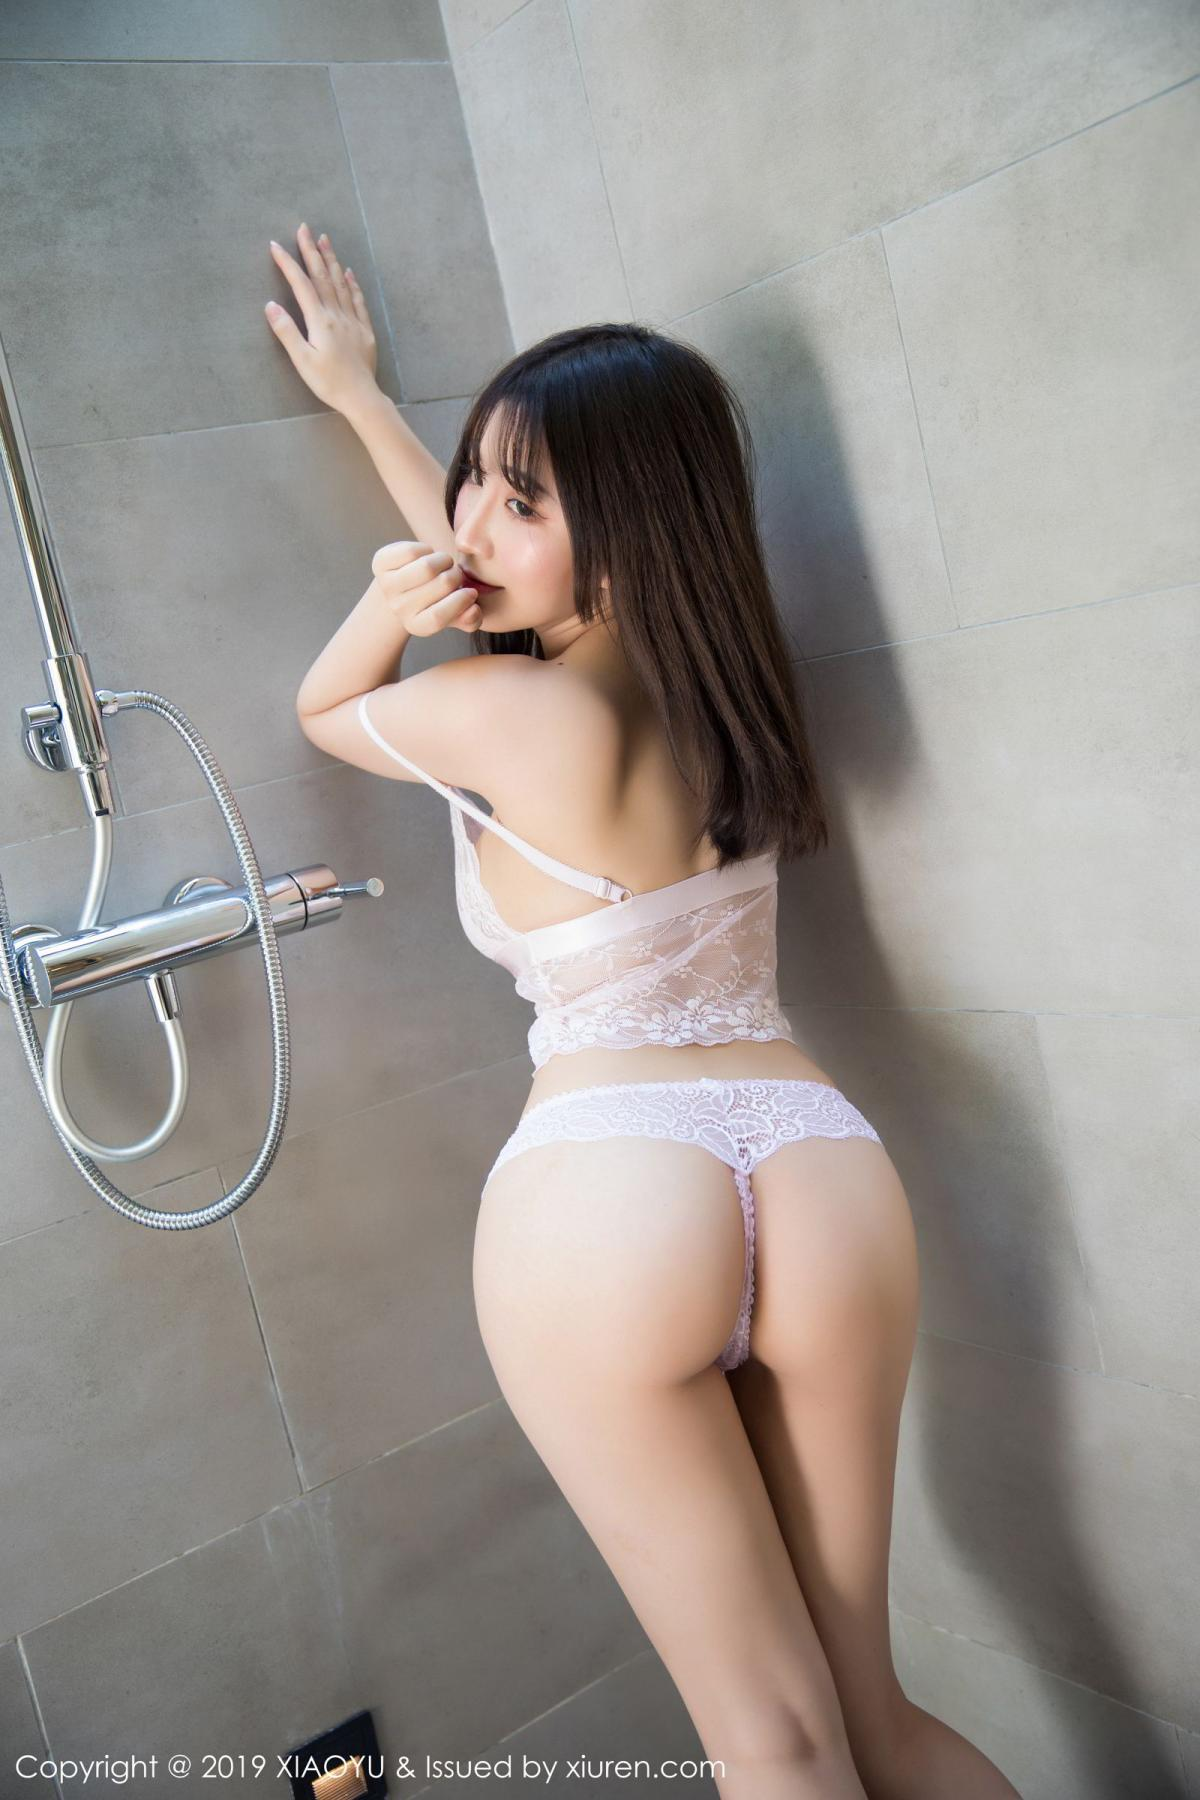 [XiaoYu] Vol.147 Xie Zhi Xin 62P, Bathroom, Big Booty, Wet, XiaoYu, Xie Zhi Xin